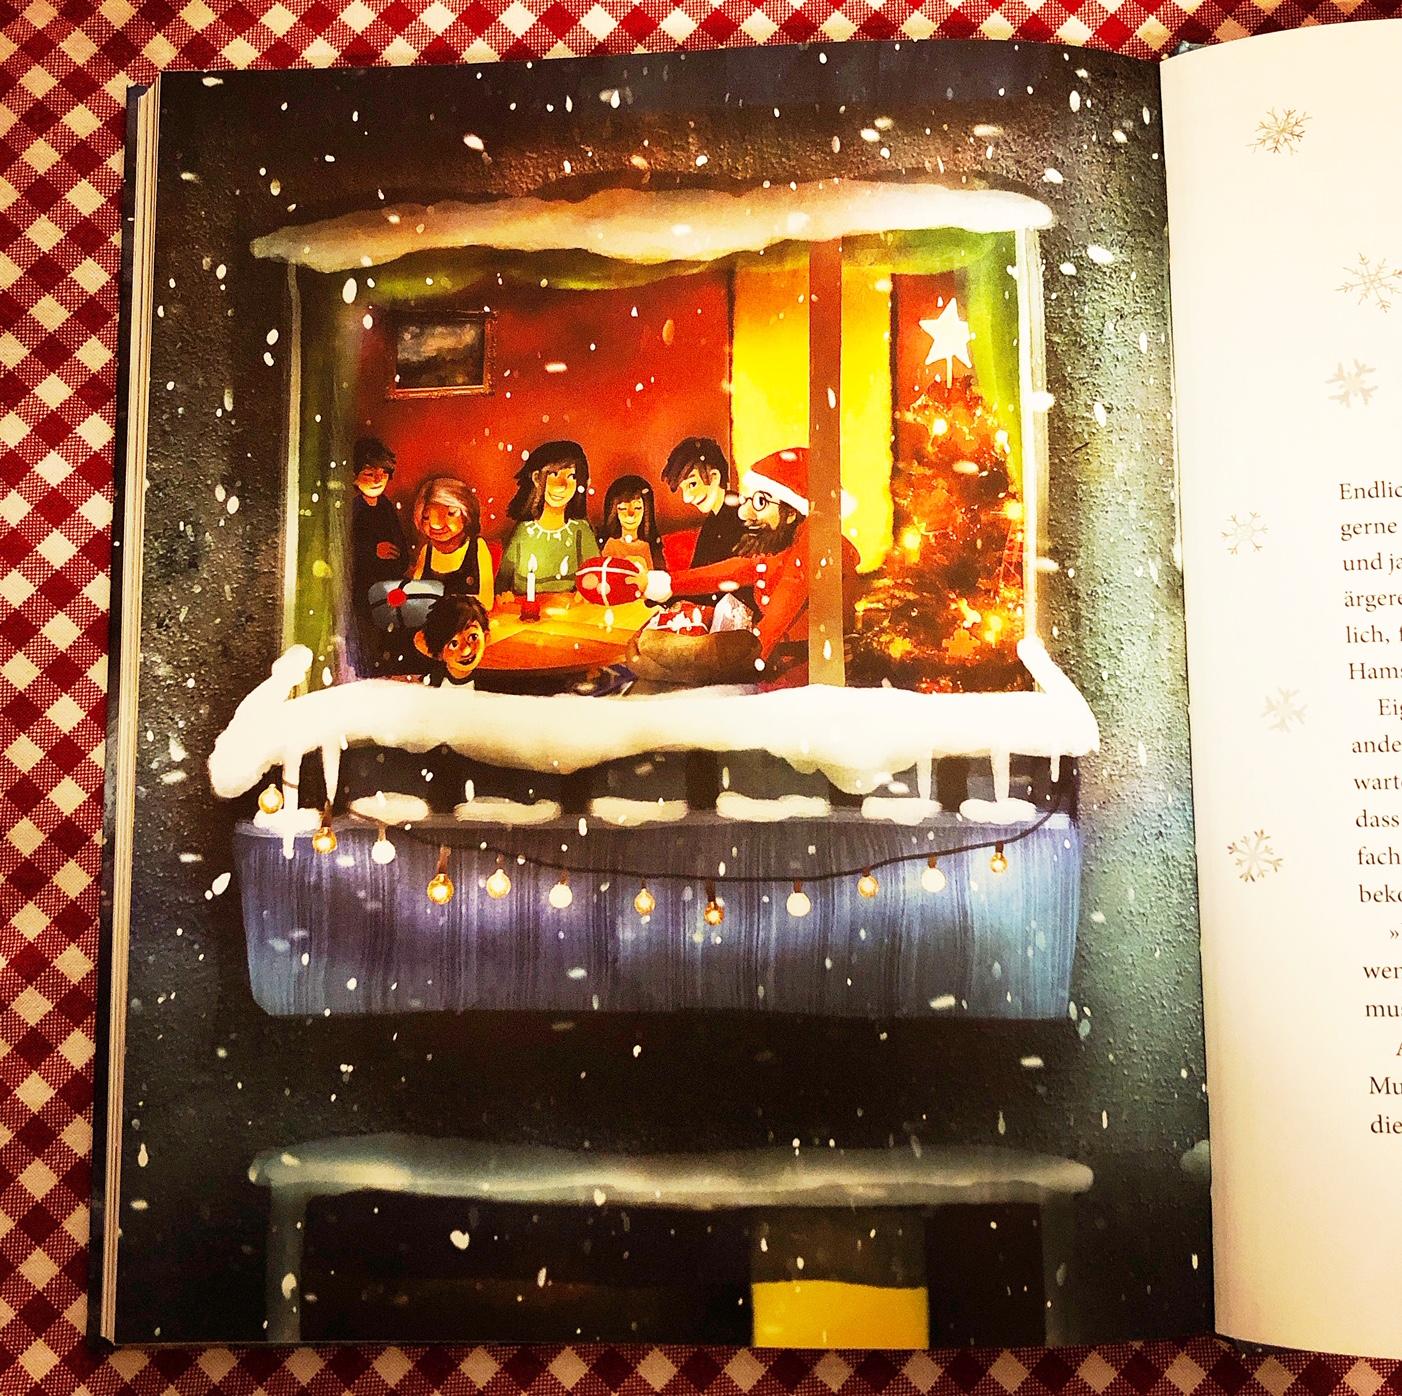 Verzauberte Weihnachten (WooW books)